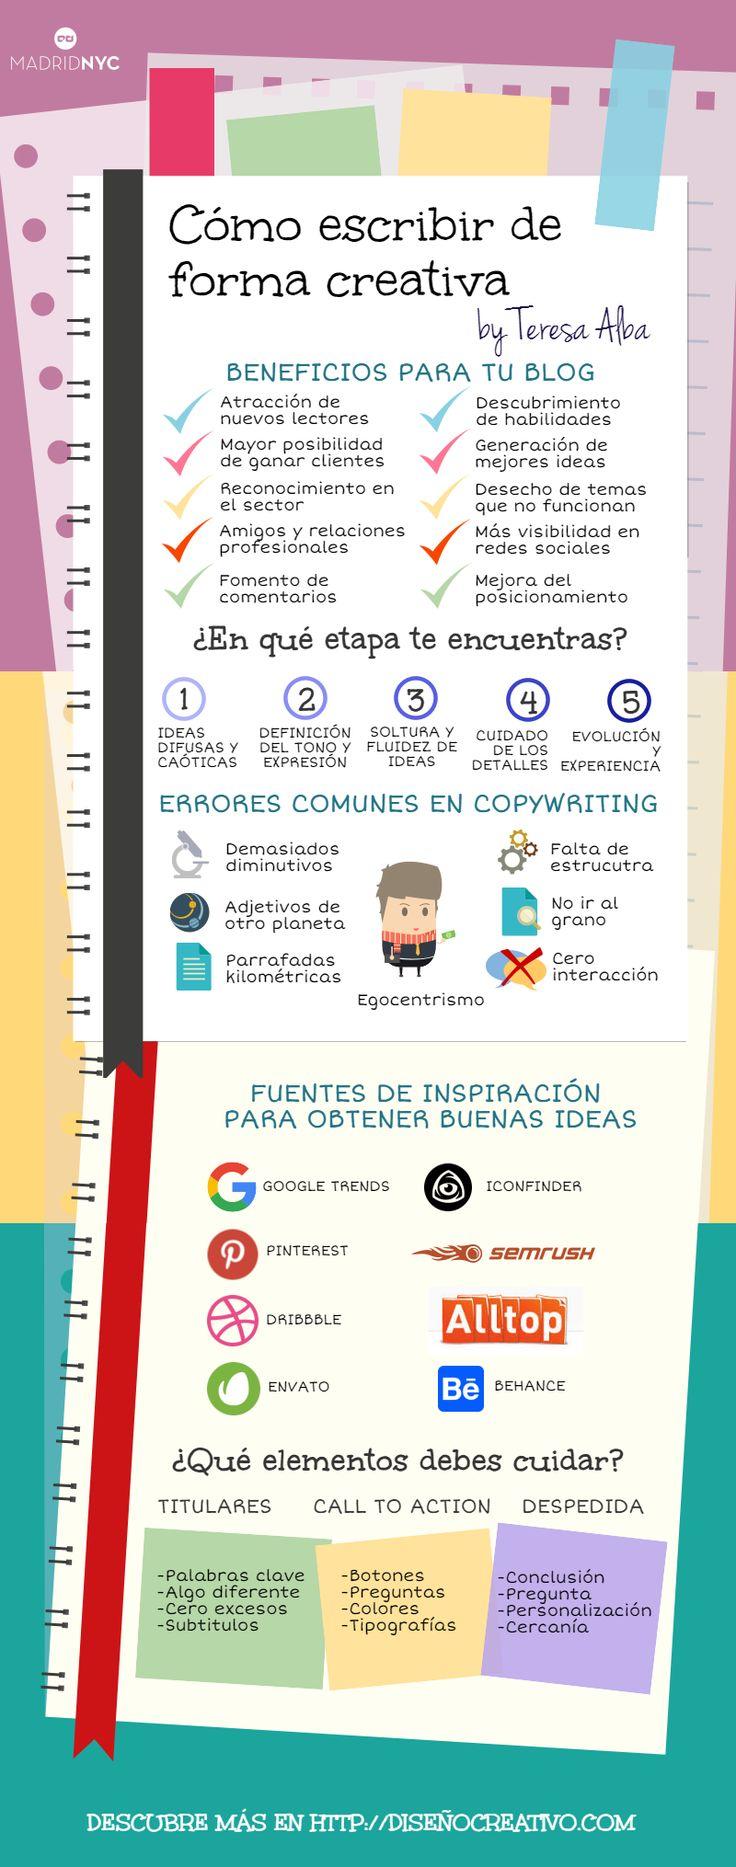 Una infografía sobre cómo escribir de manera creativa en tu Blog.